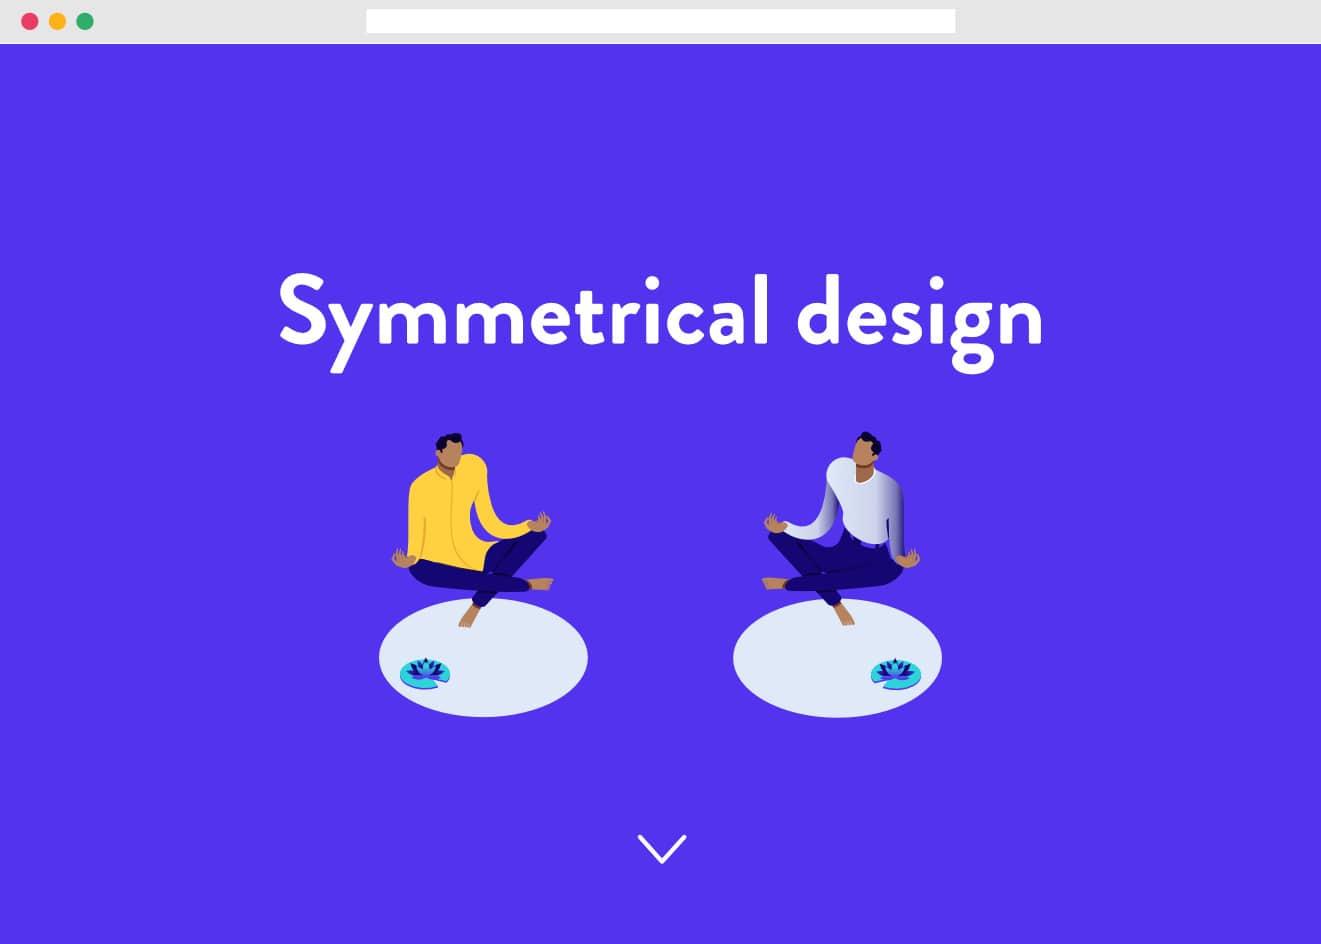 左右対称のデザインの一例